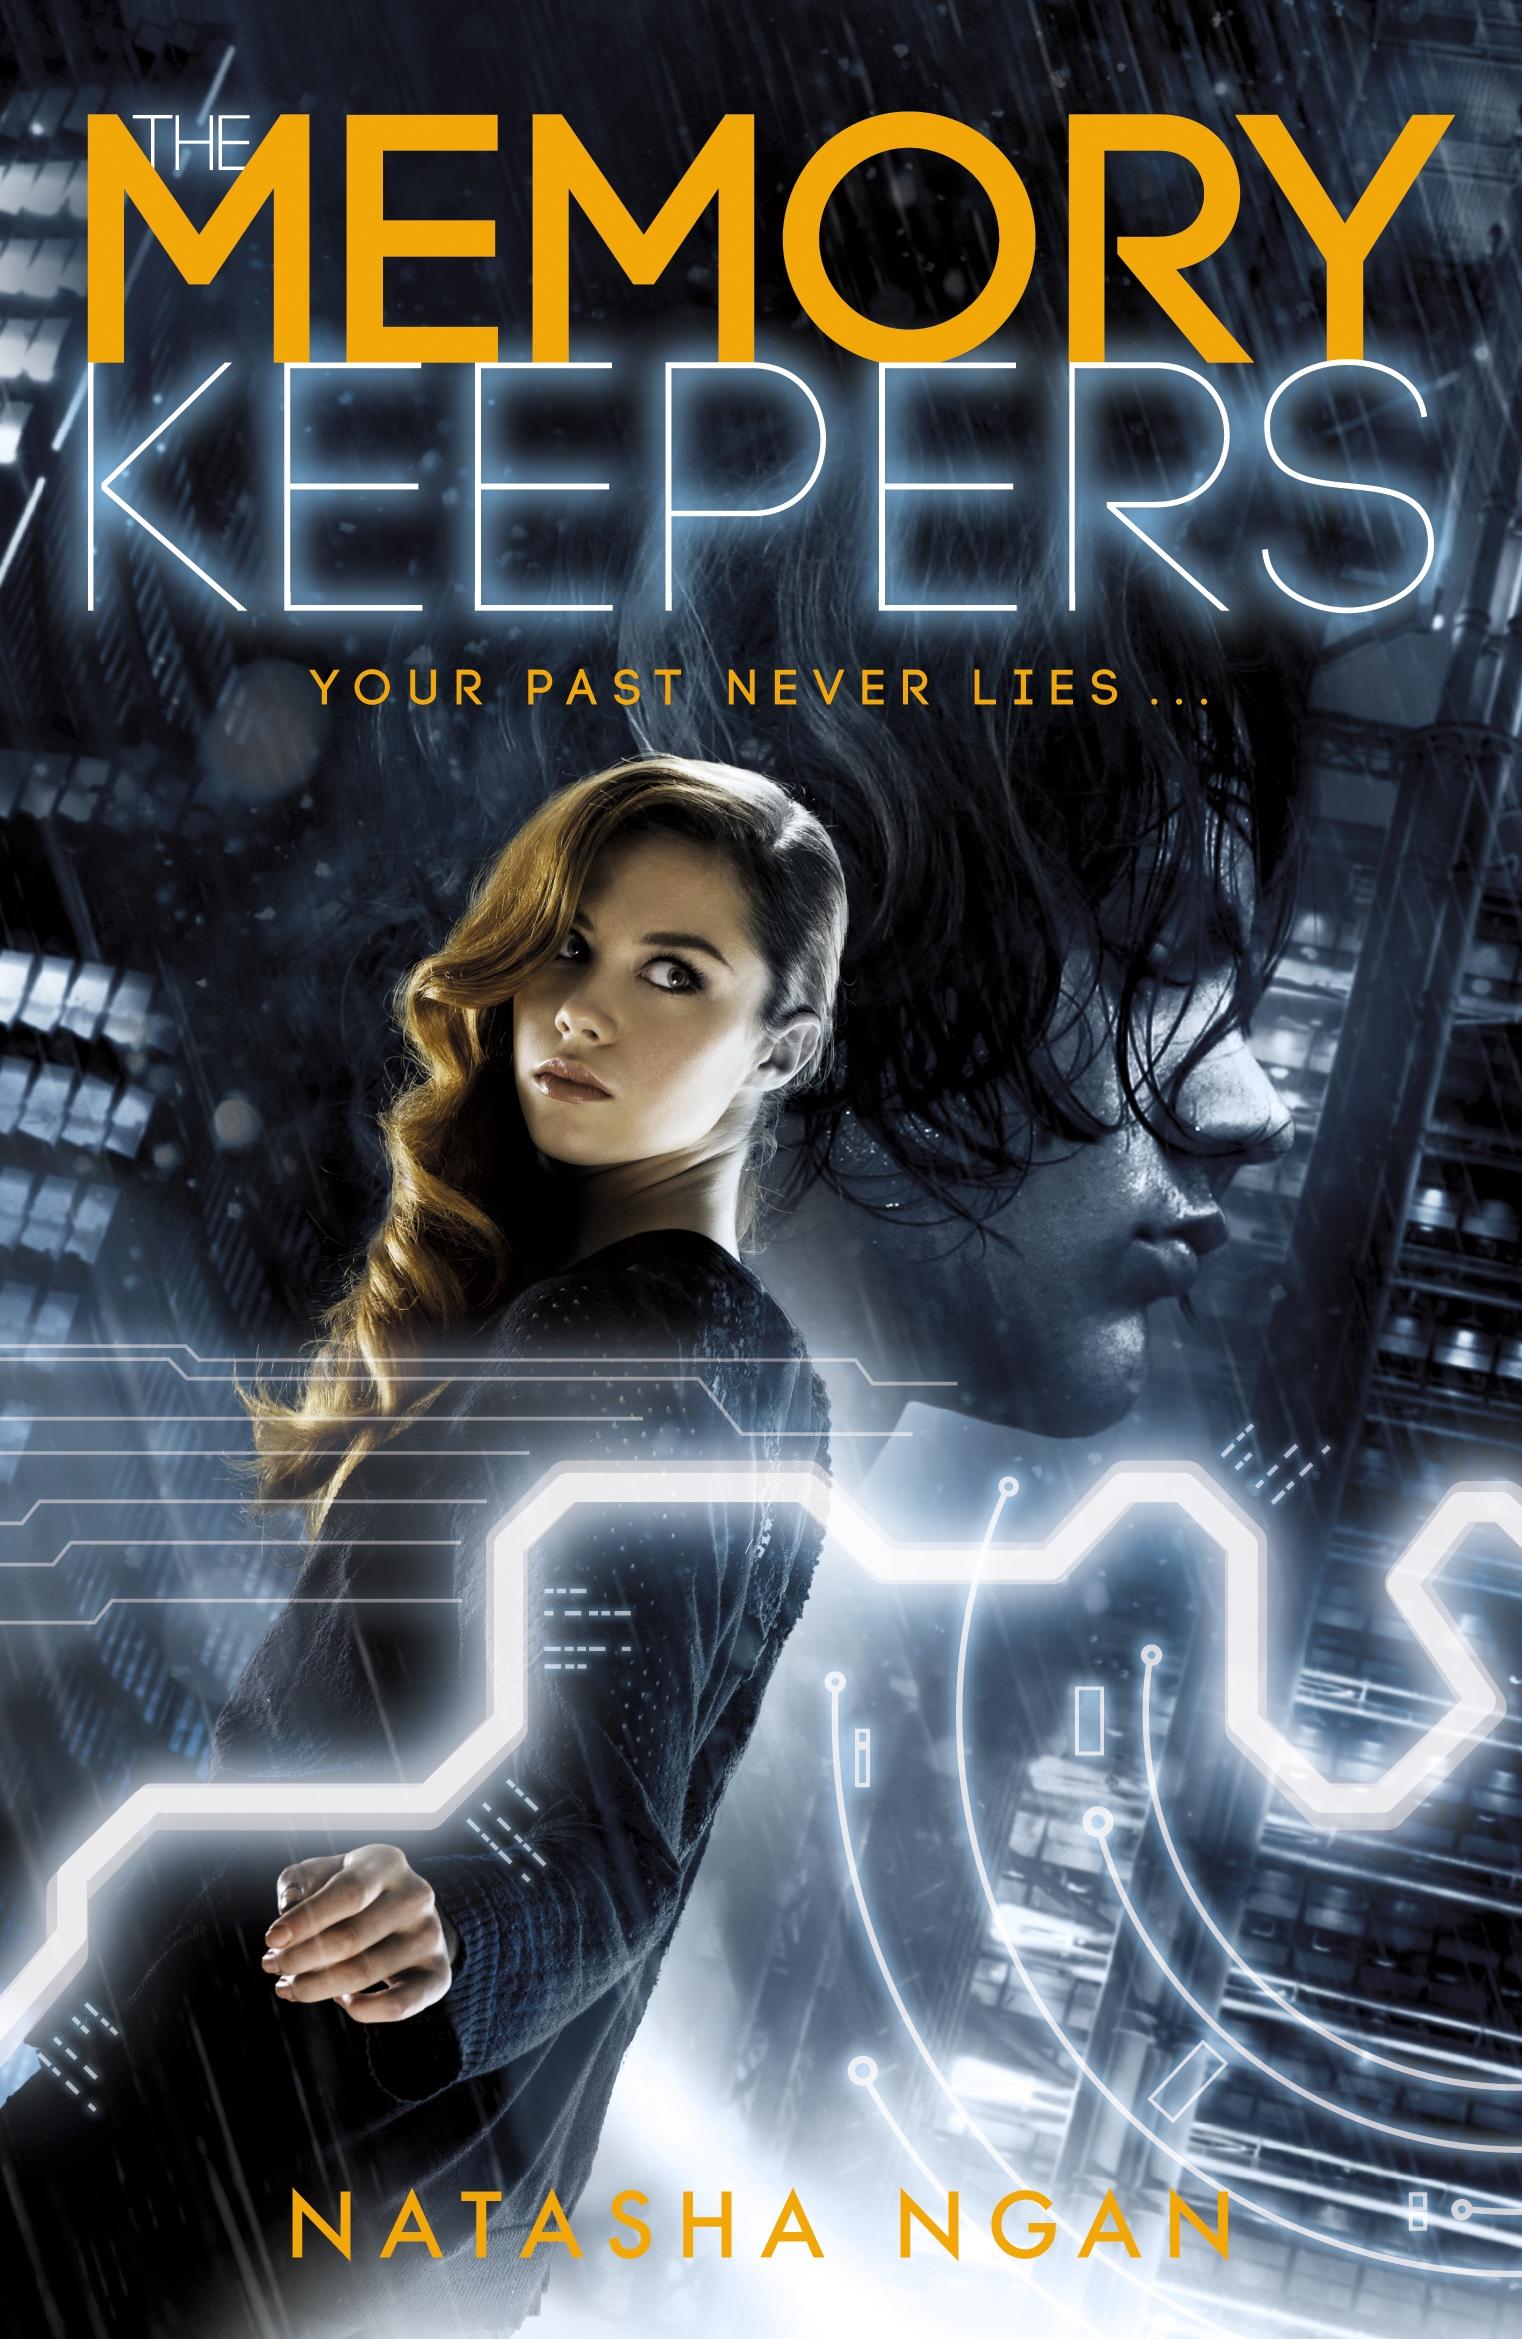 The Memory Keepers by Natasha Ngan